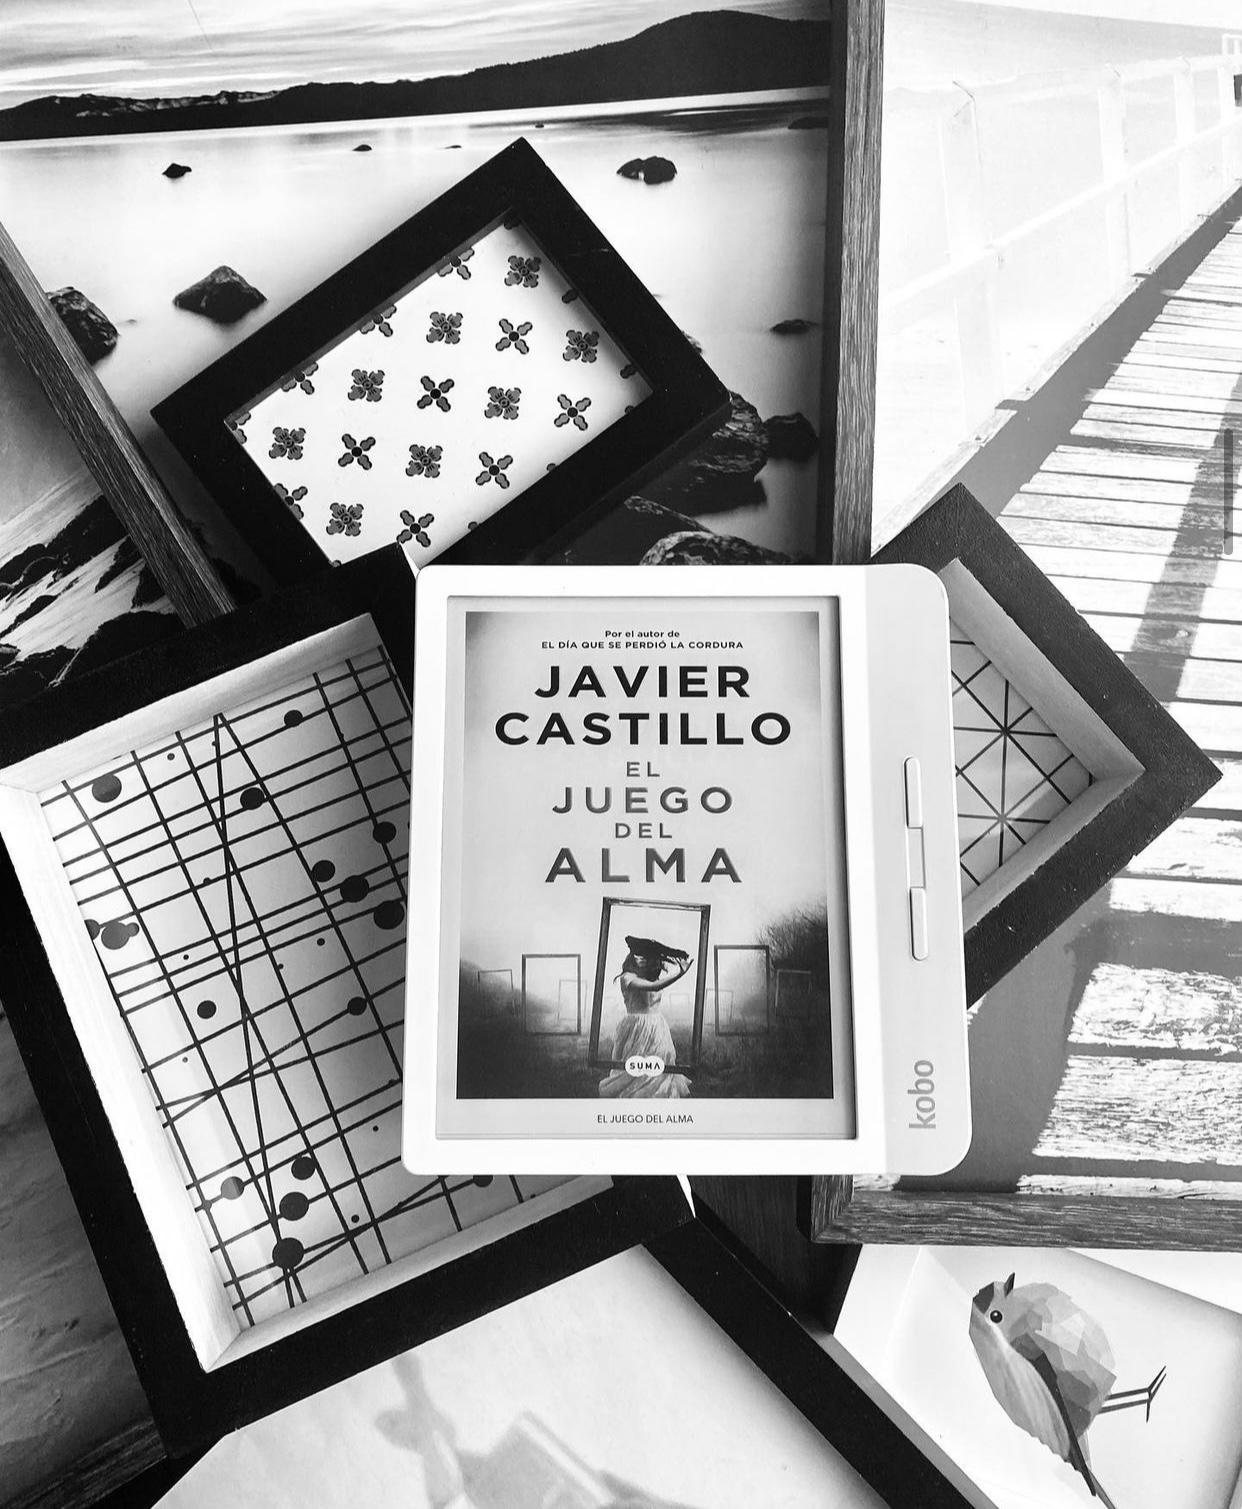 El juego del alma de Javier Castillo